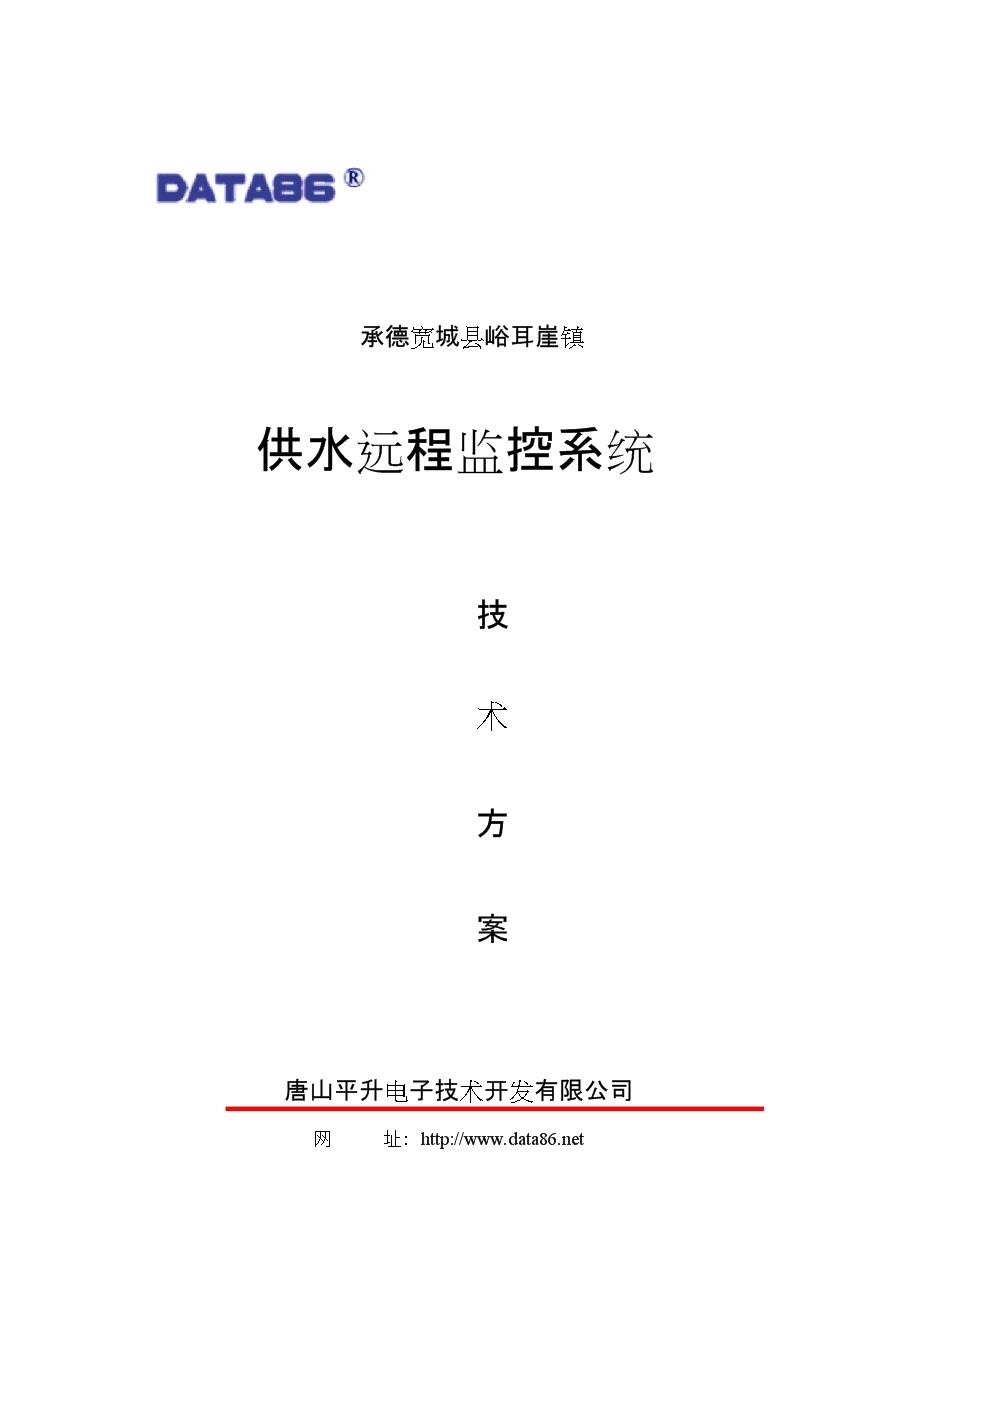 采购申请单文档.docx